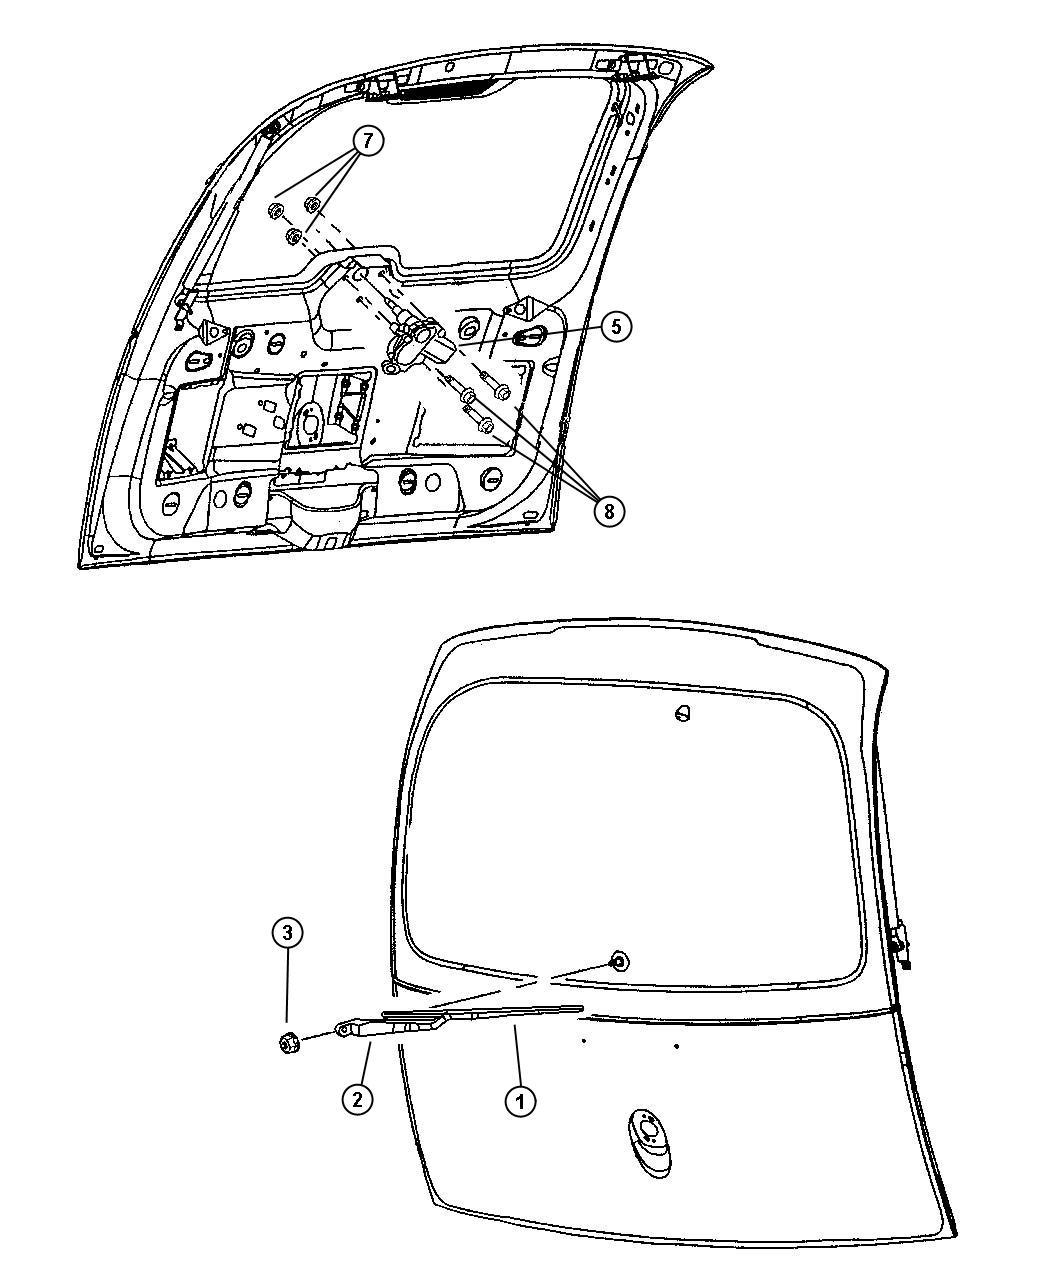 04 Dodge Ram Wiring Schematic